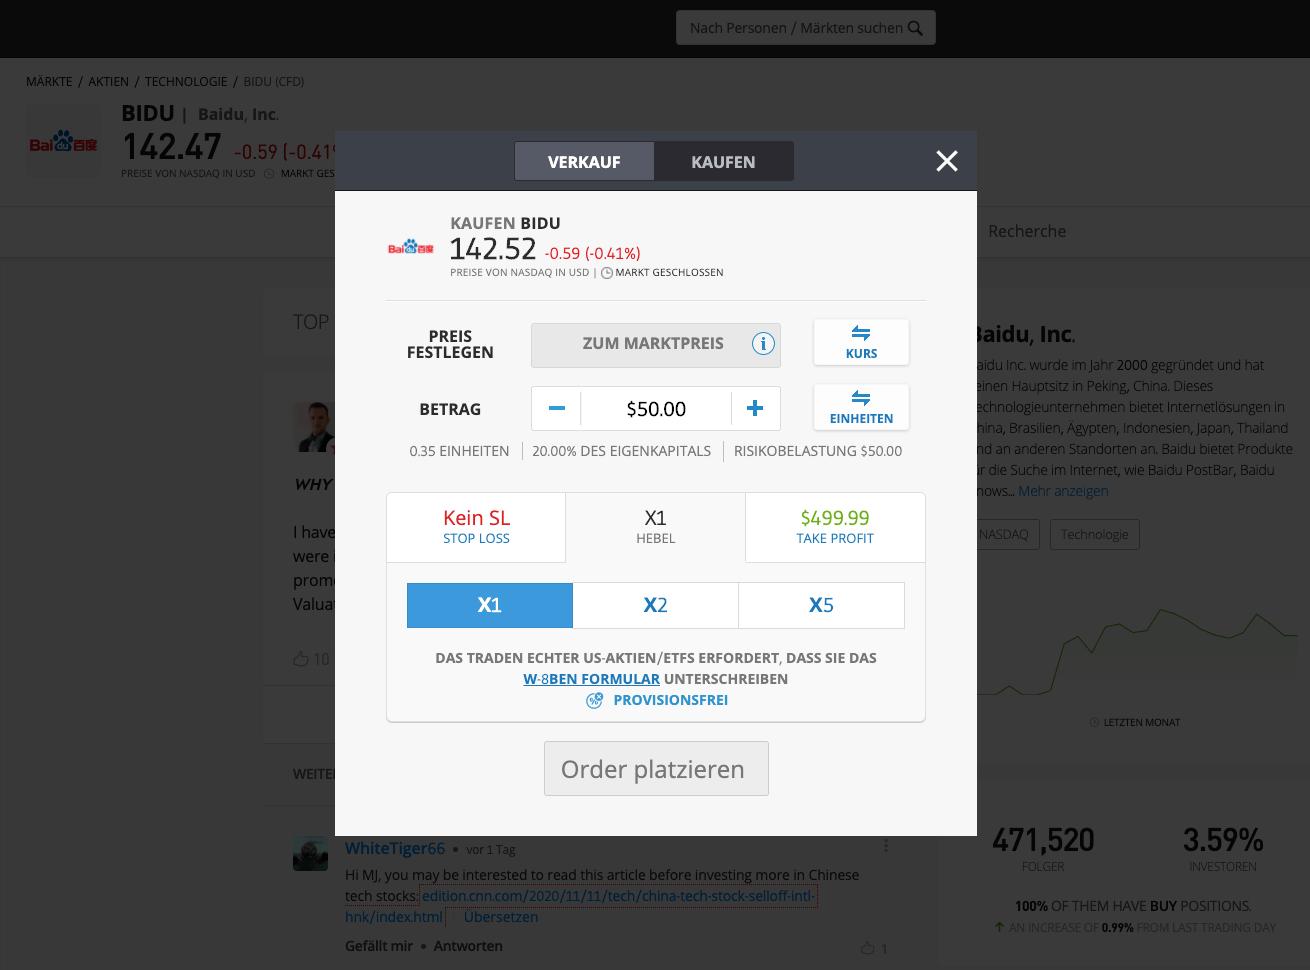 Baidu Aktien kaufen